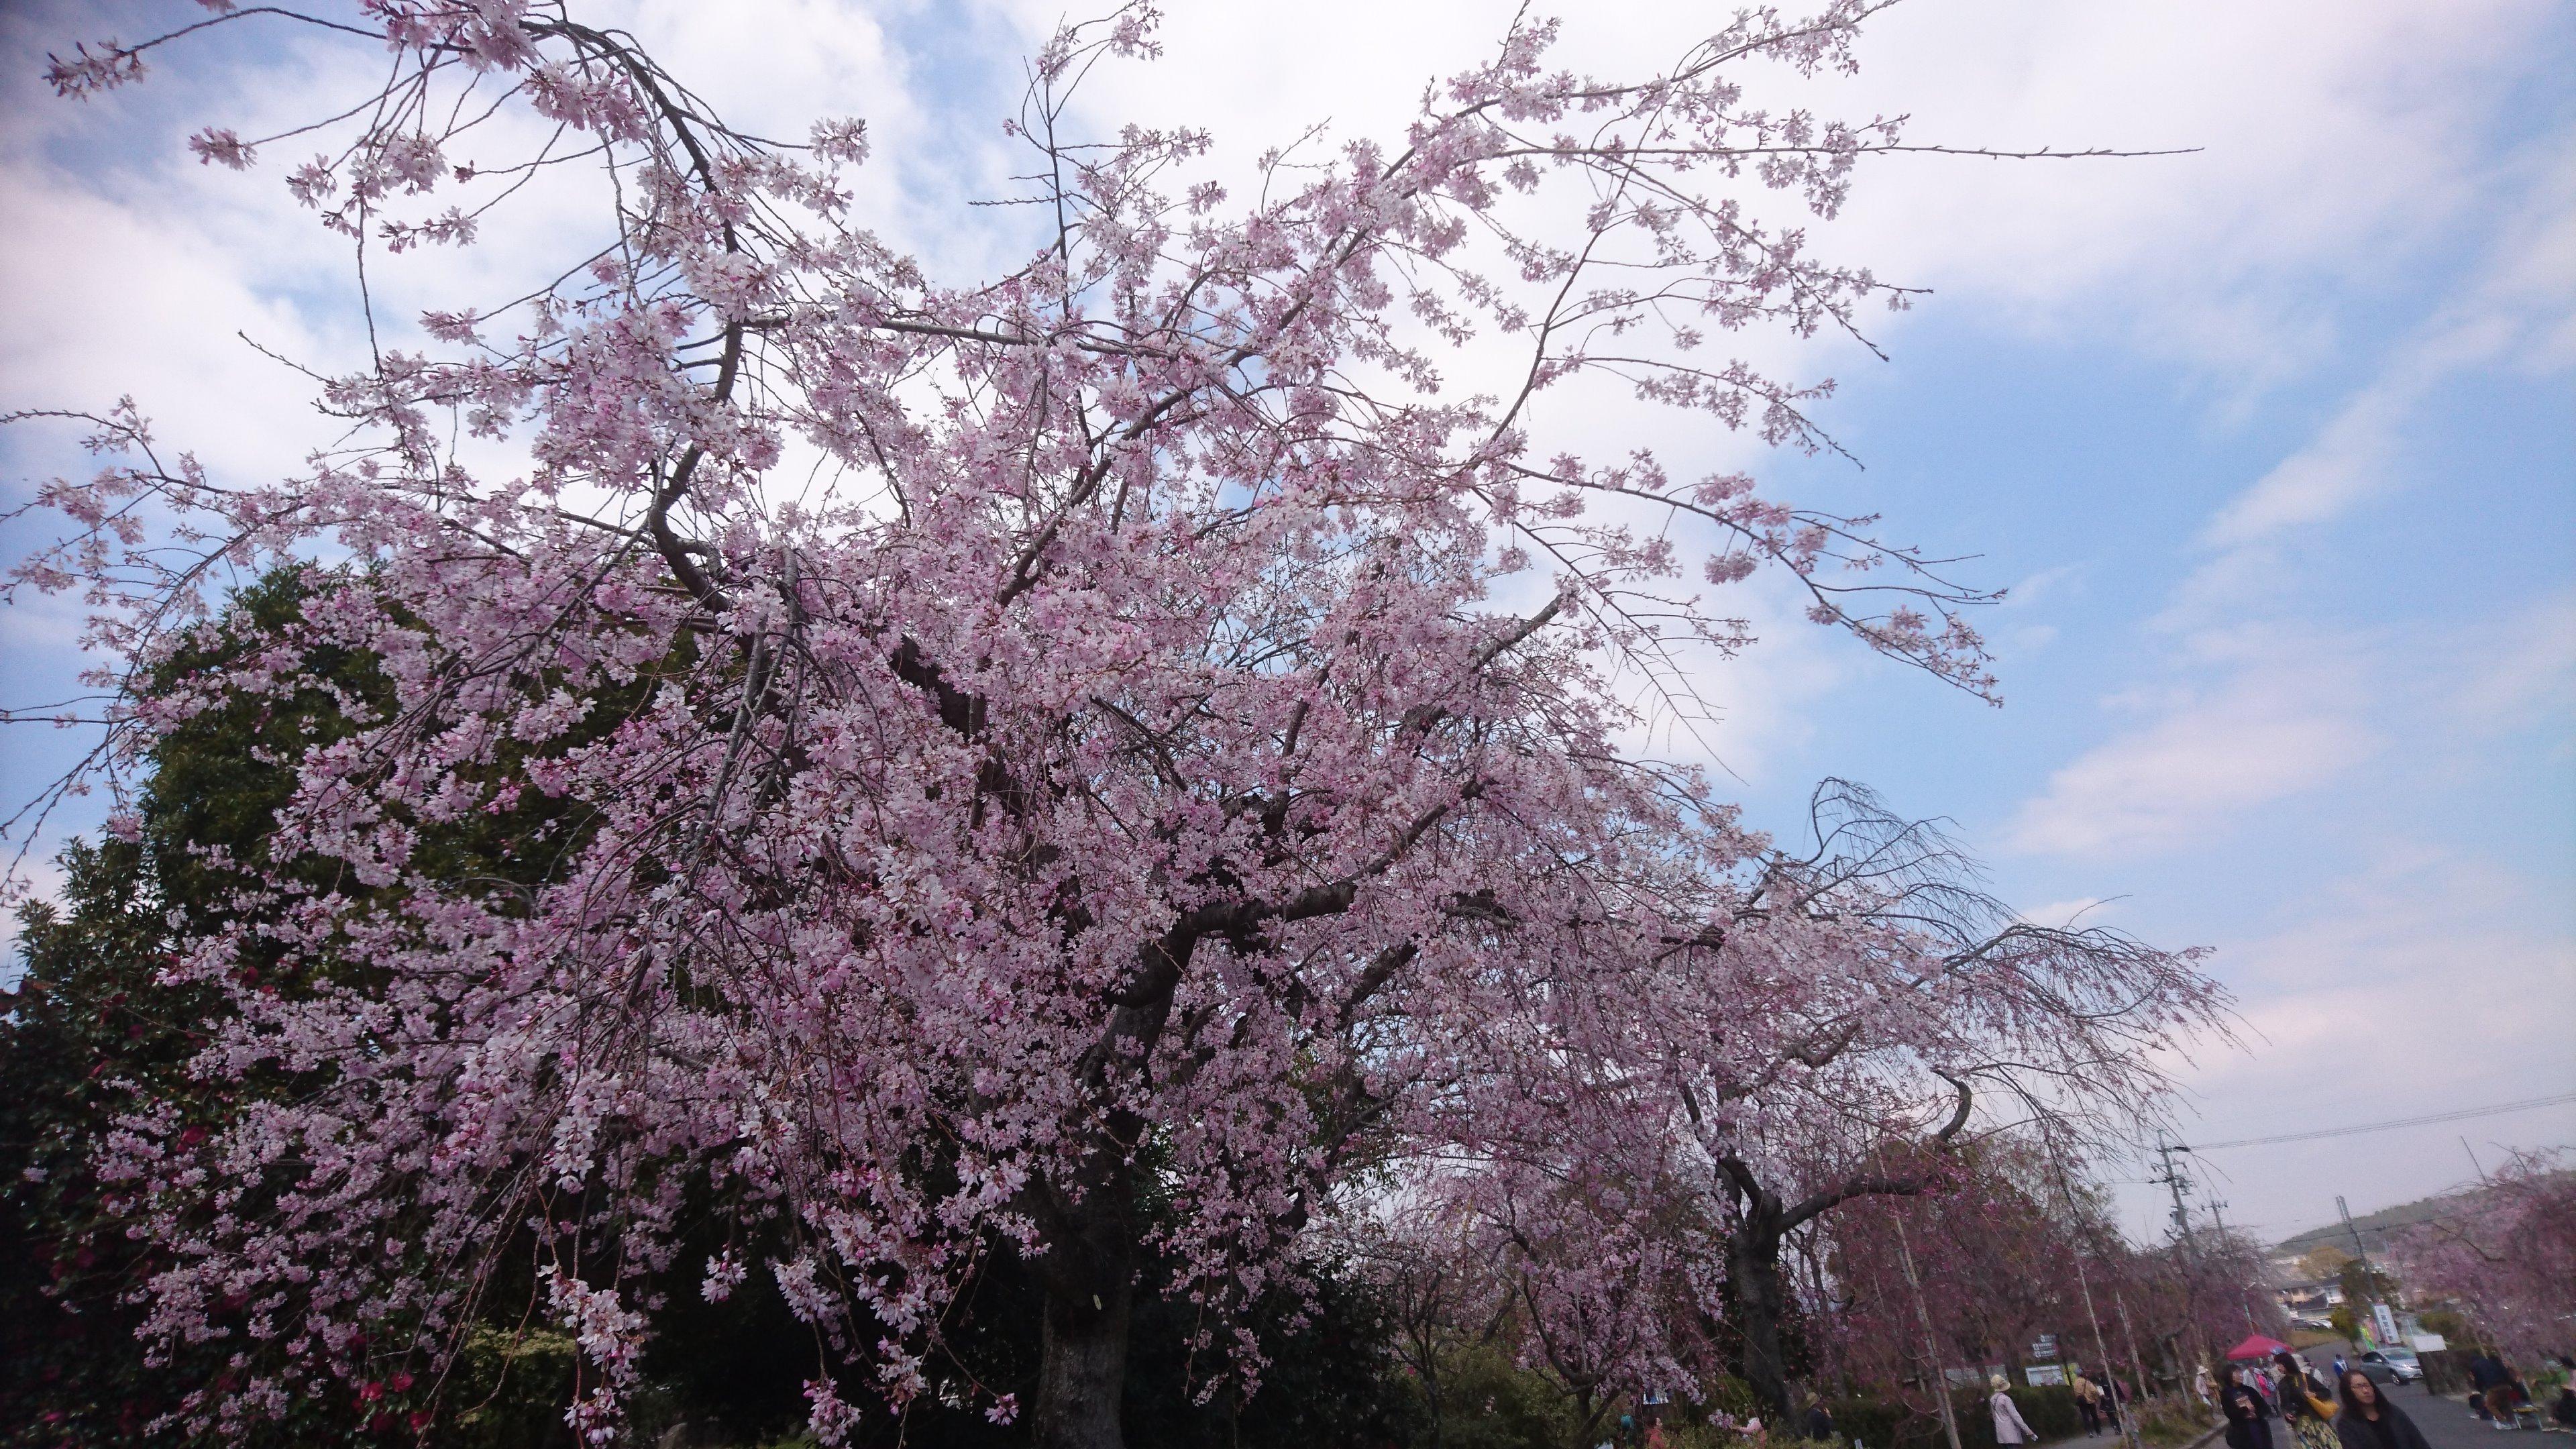 美しい桜で春を満喫。名古屋から行けるお花見スポット6選【2020】 - D3TYWywU0AQBXyH